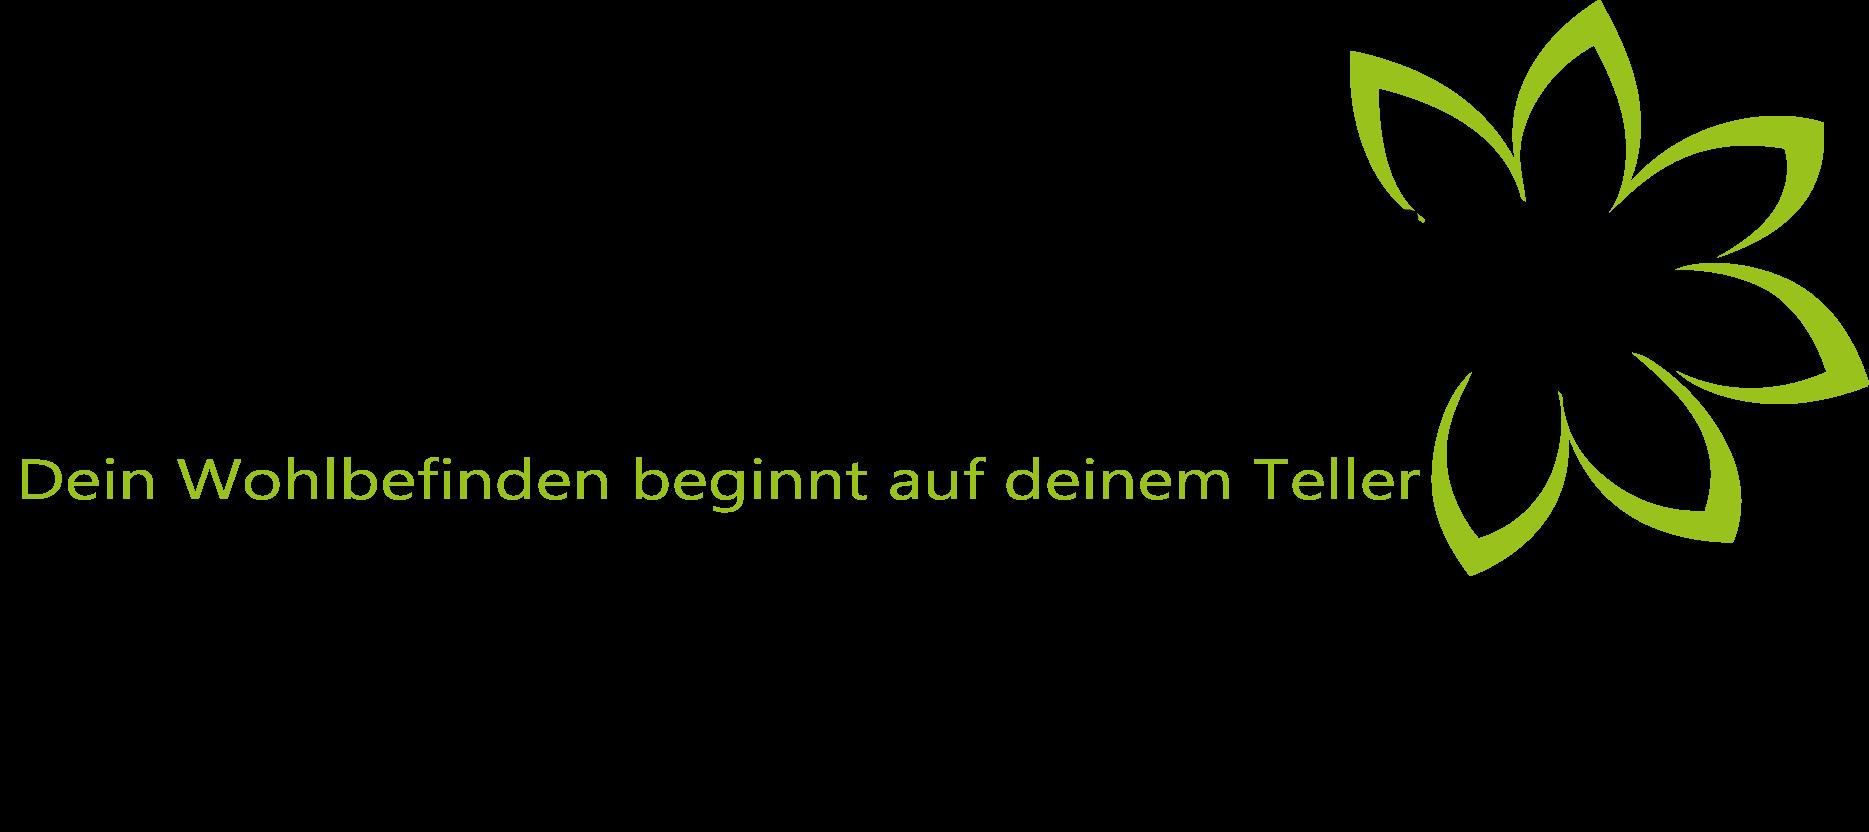 wiedergutfuehlen.de